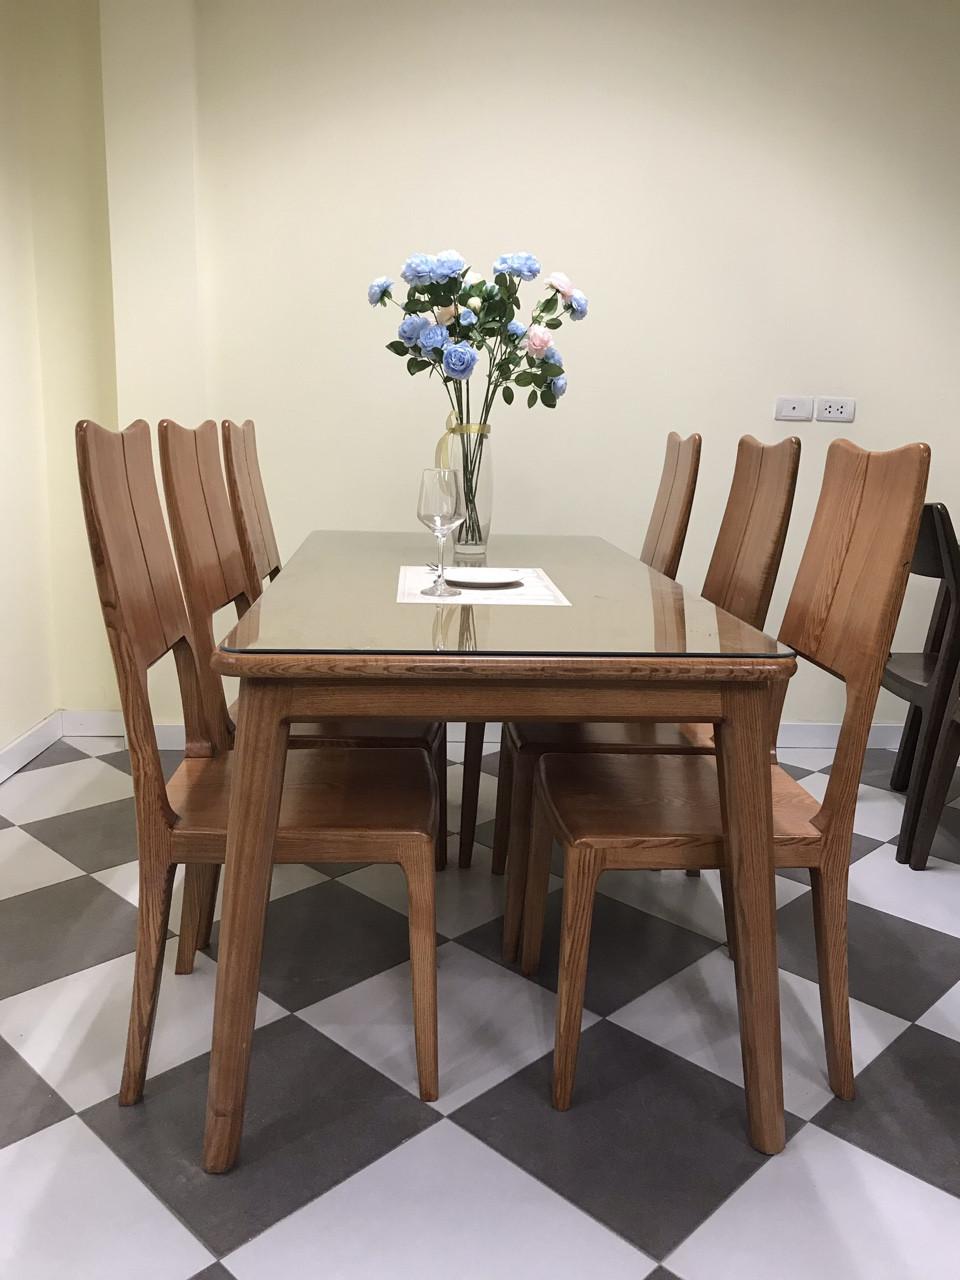 bộ bàn ăn 6 ghế Luxyry giá 16.999.000đ giá rẻ